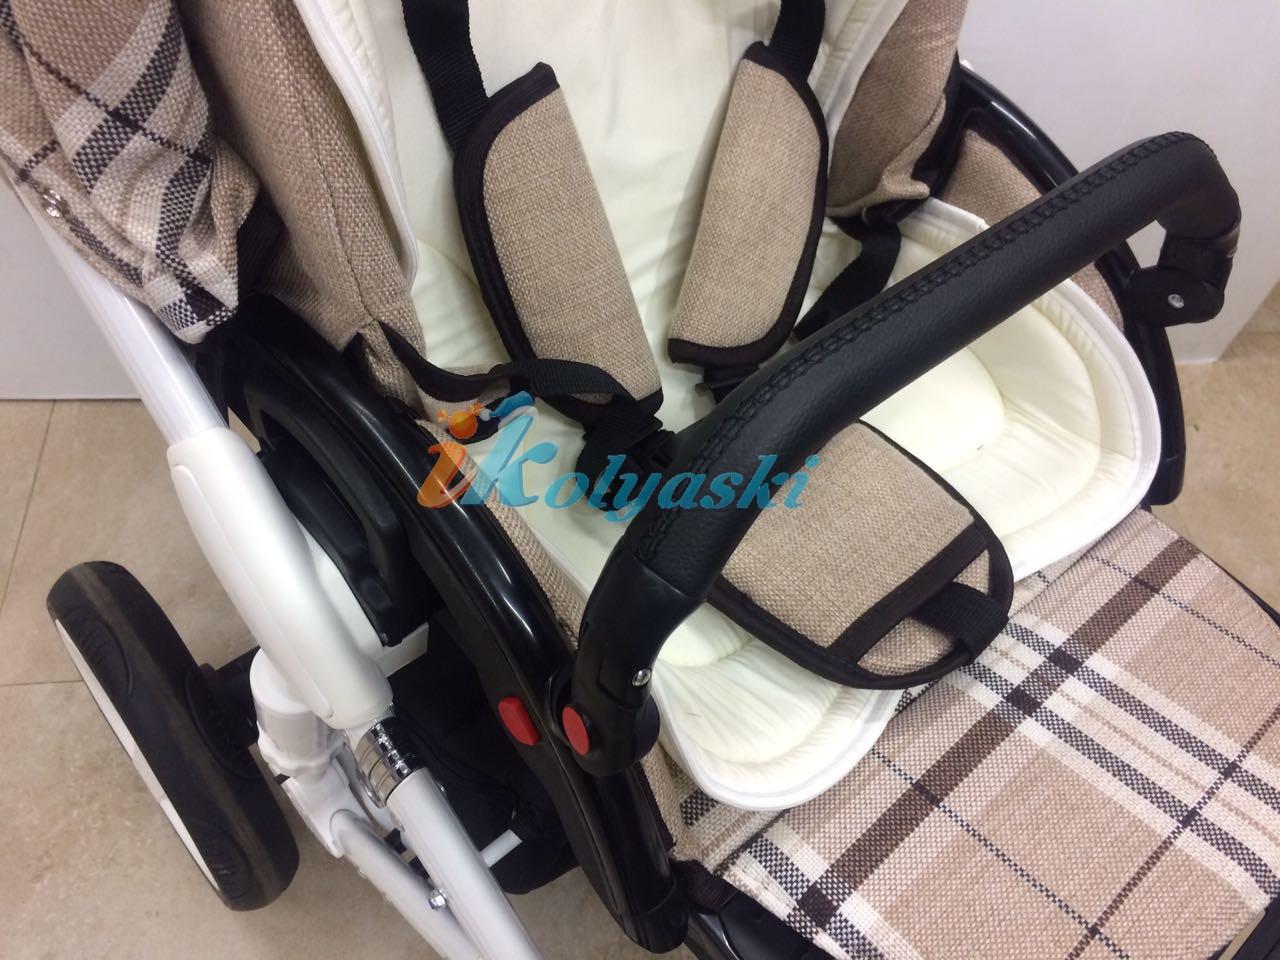 Little Trek Avenir фирменная, оригинальная, Детская спальная коляска для новорожденных два в одном 2 в 1 Литтл Трек Авенир. В прогулочном блоке 5-ти точечная система ремней безопасности, вкладыш из бамбукового волокна на лето и для самых маленьких, бампер съемный,  регулируемый, 7 положений по высоте